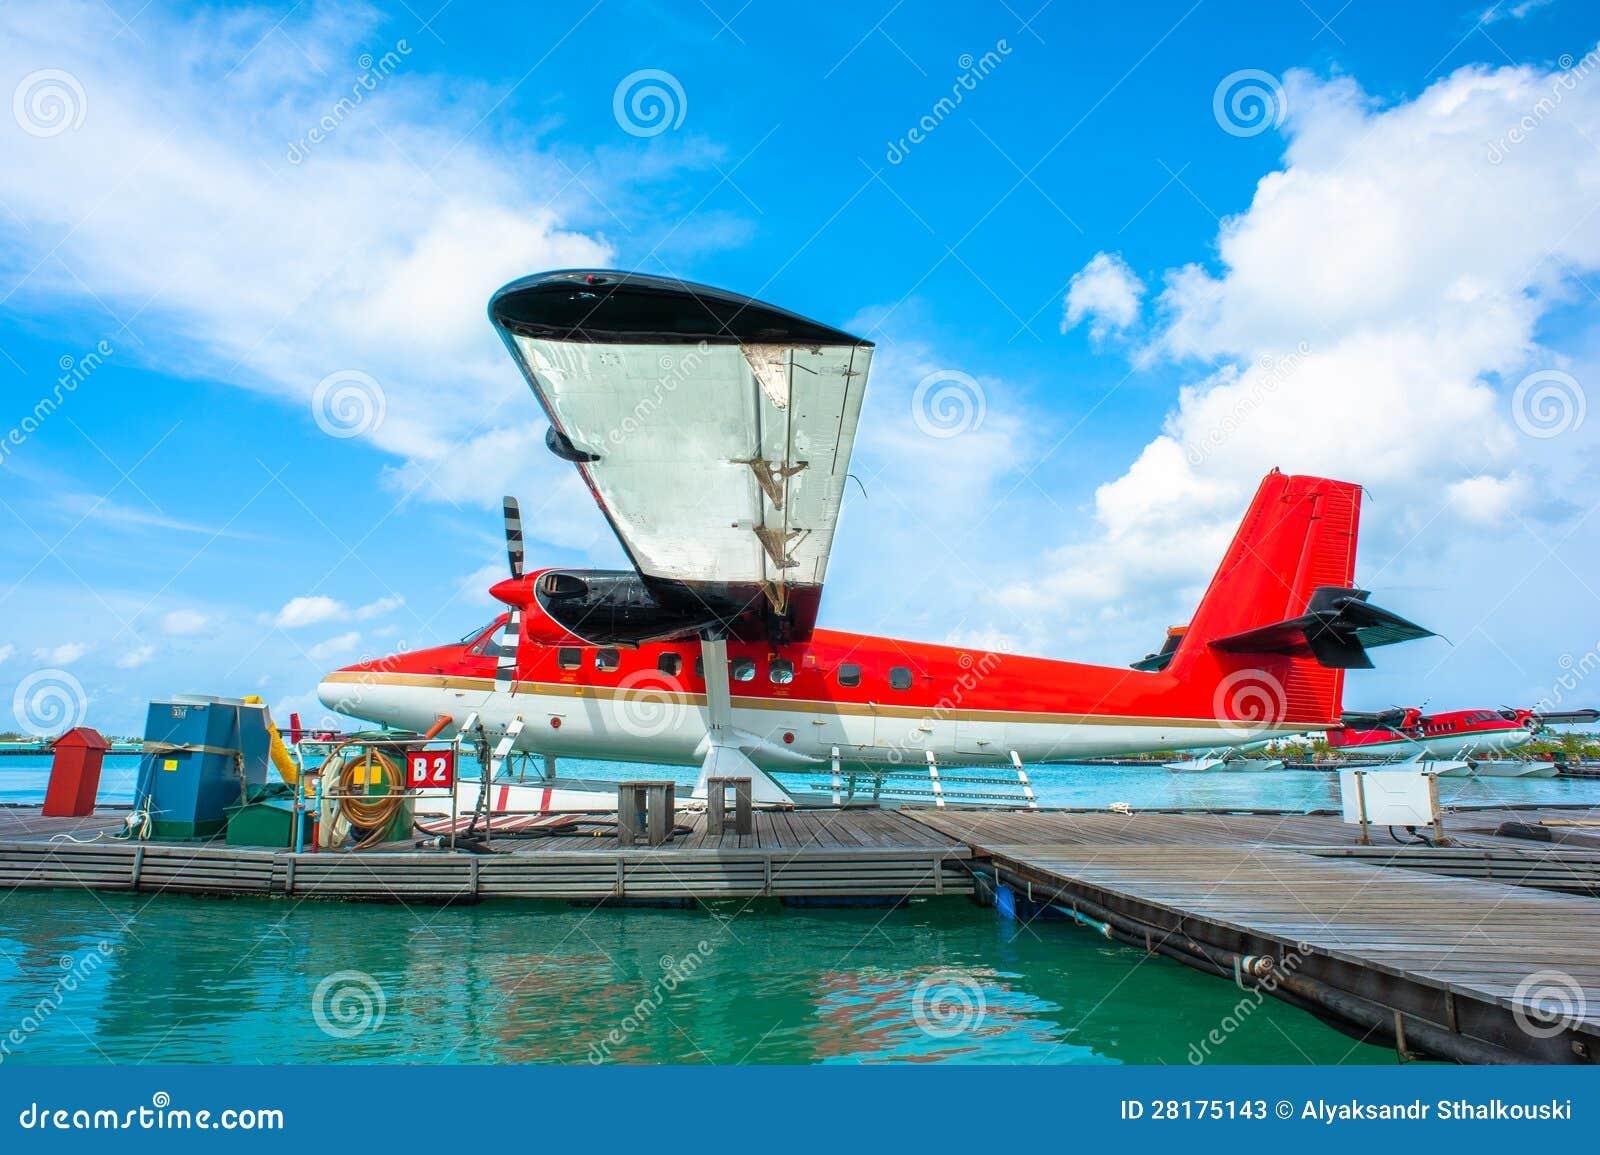 Aeroporto Male Maldive : Hydroplane at male airport maldives stock image image of glider